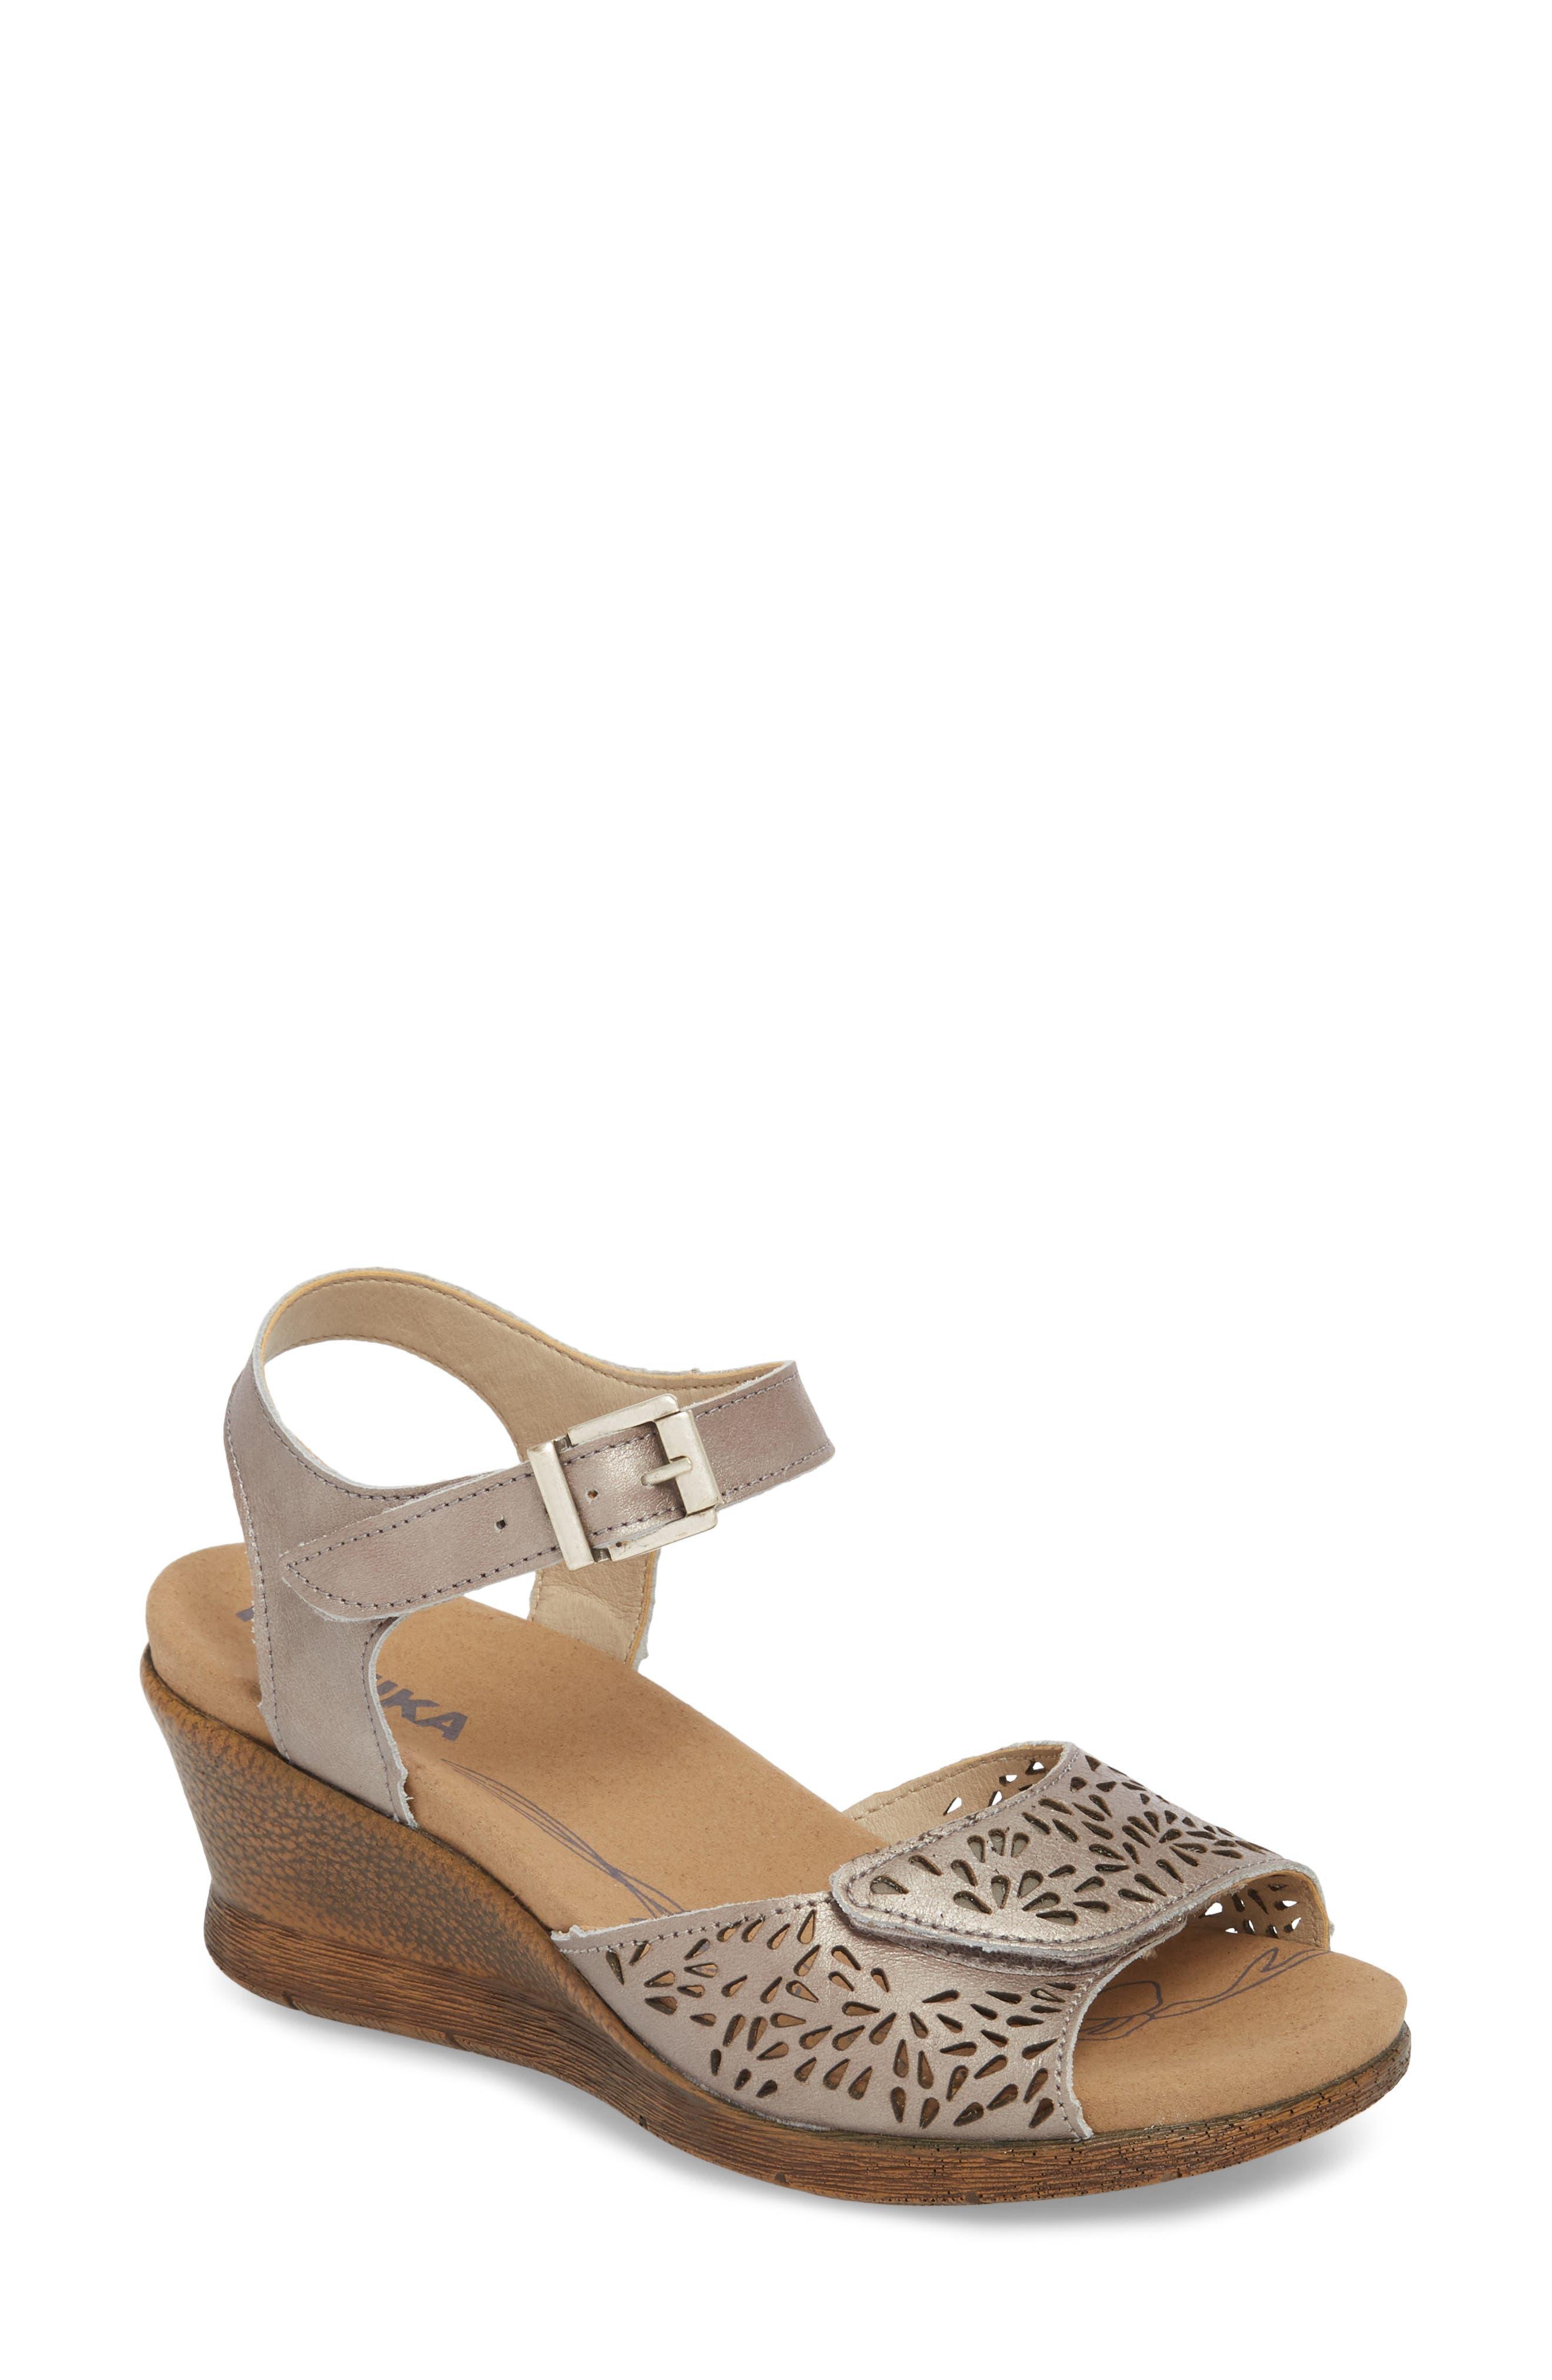 Nevis 05 Sandal,                         Main,                         color, Platinum Leather